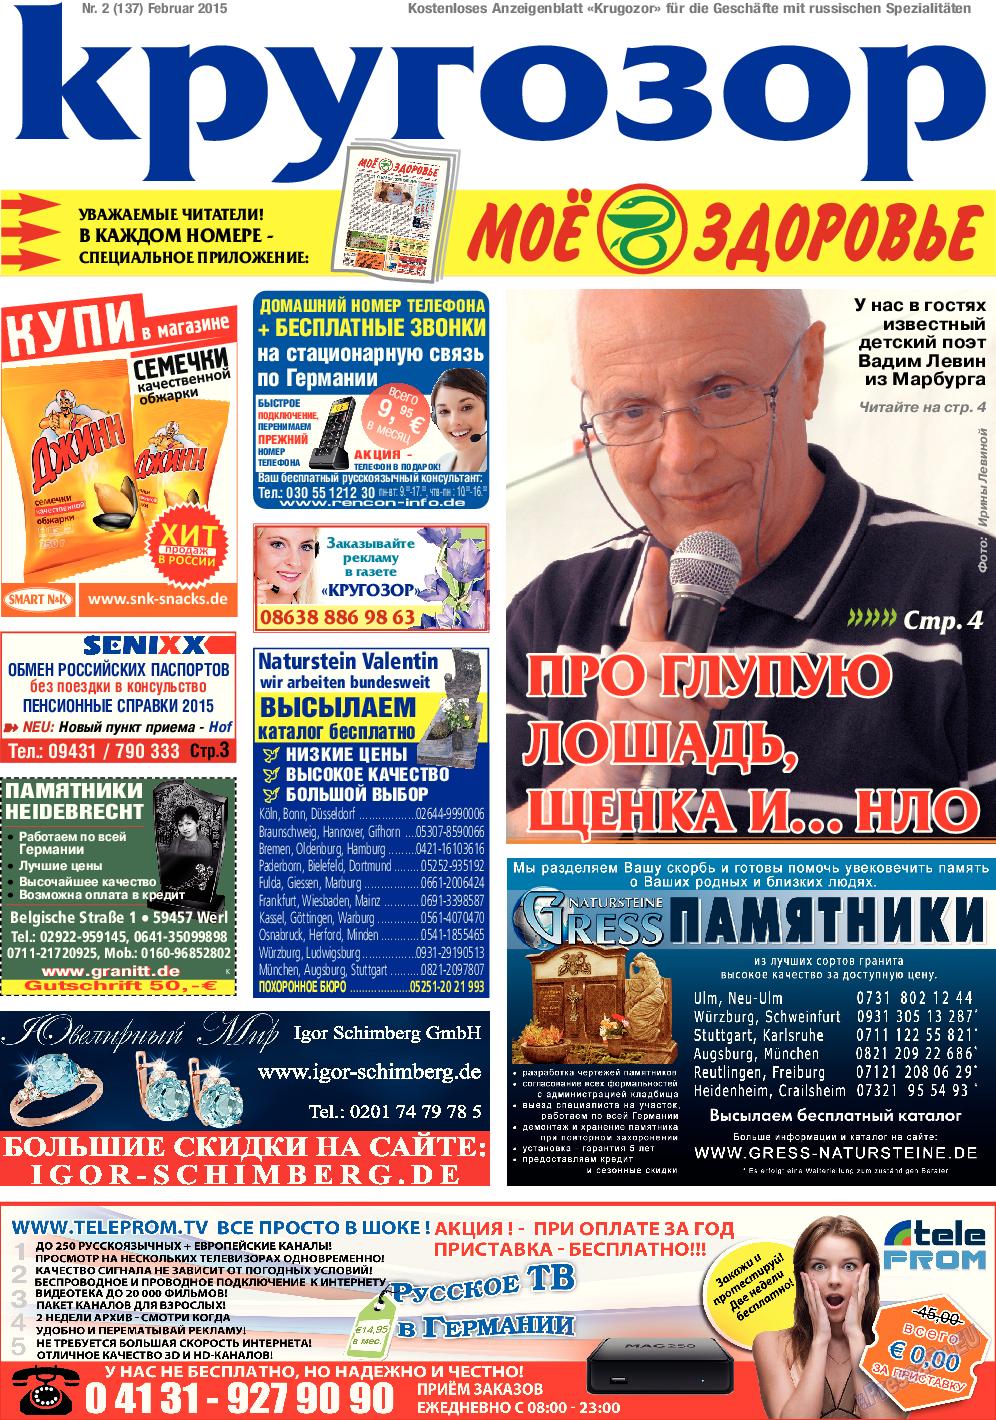 Кругозор (газета). 2015 год, номер 2, стр. 1